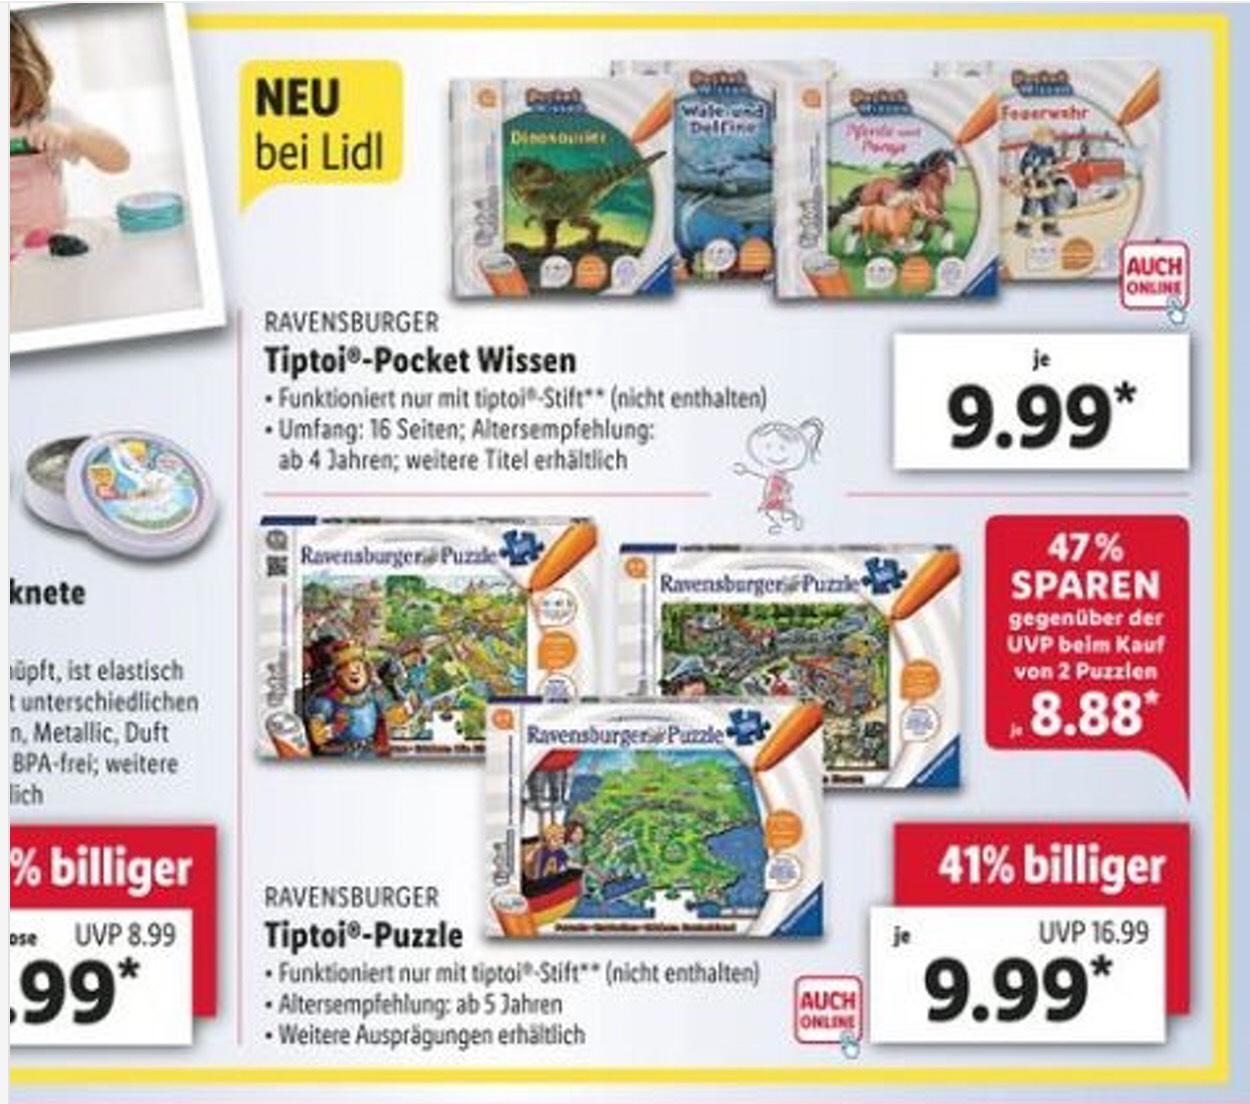 Ab Montag 20.05.19 gibt es im Lidl Tiptoi Ravensburger Puzzle und Pocket Wissen für 9,99€ und Spiele für 11,99€ im Angebot